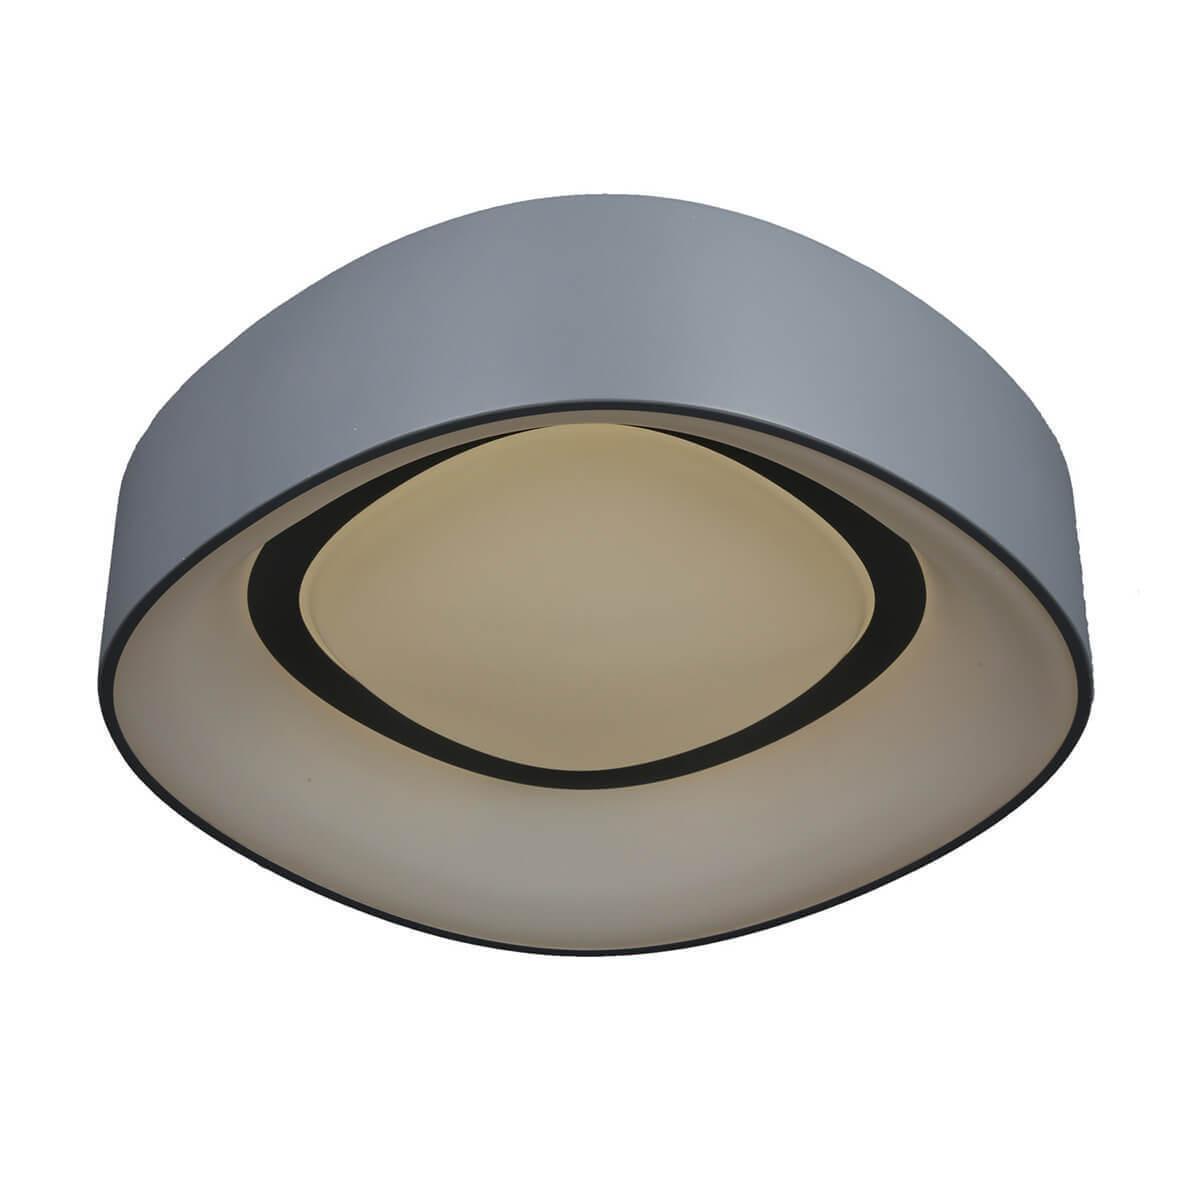 Потолочный светильник Omnilux OML-45217-51, LED, 51 Вт